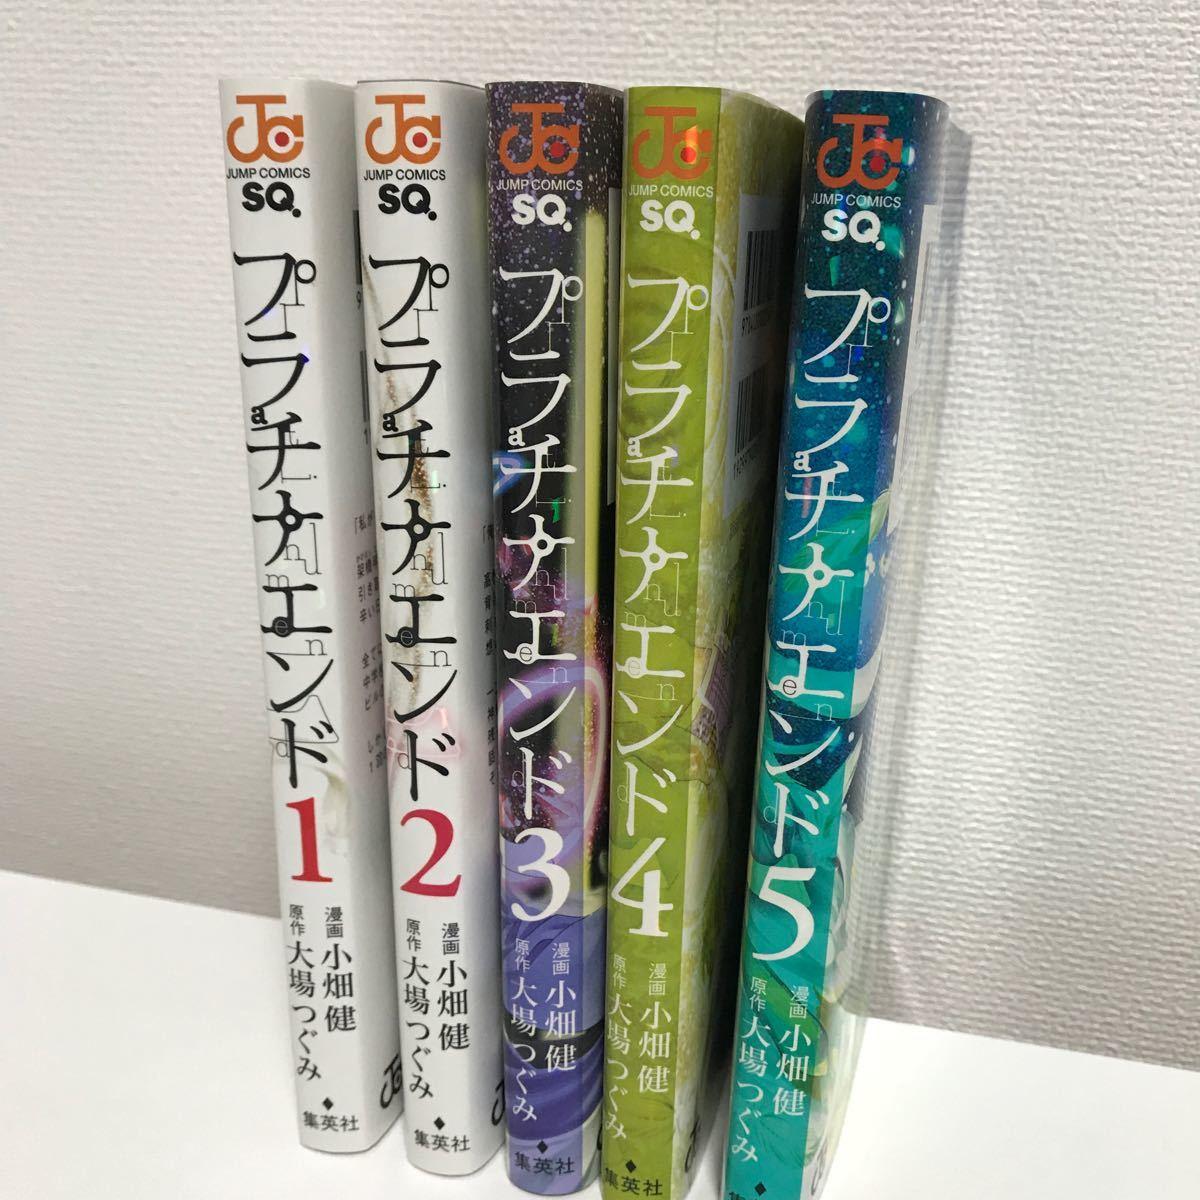 プラチナエンド 1巻〜5巻セット 大場つぐみ 小畑健